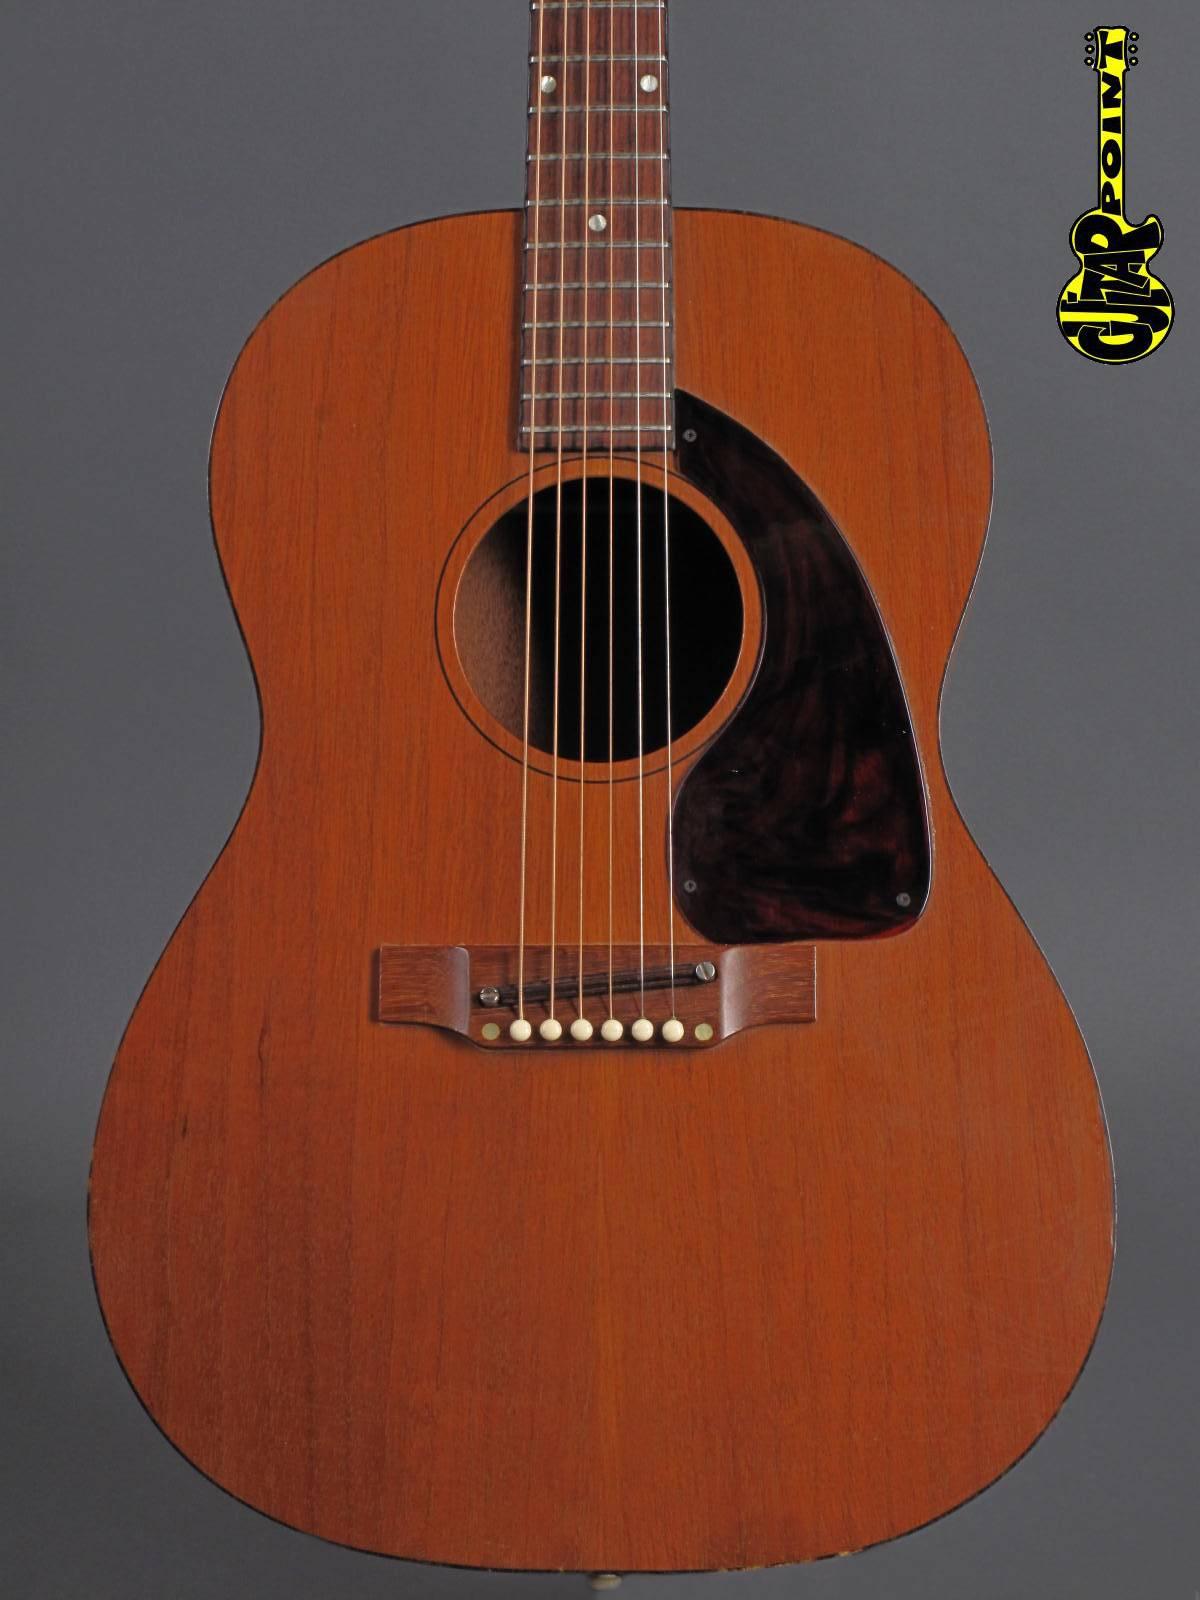 1965 Gibson LG-0 - Natural